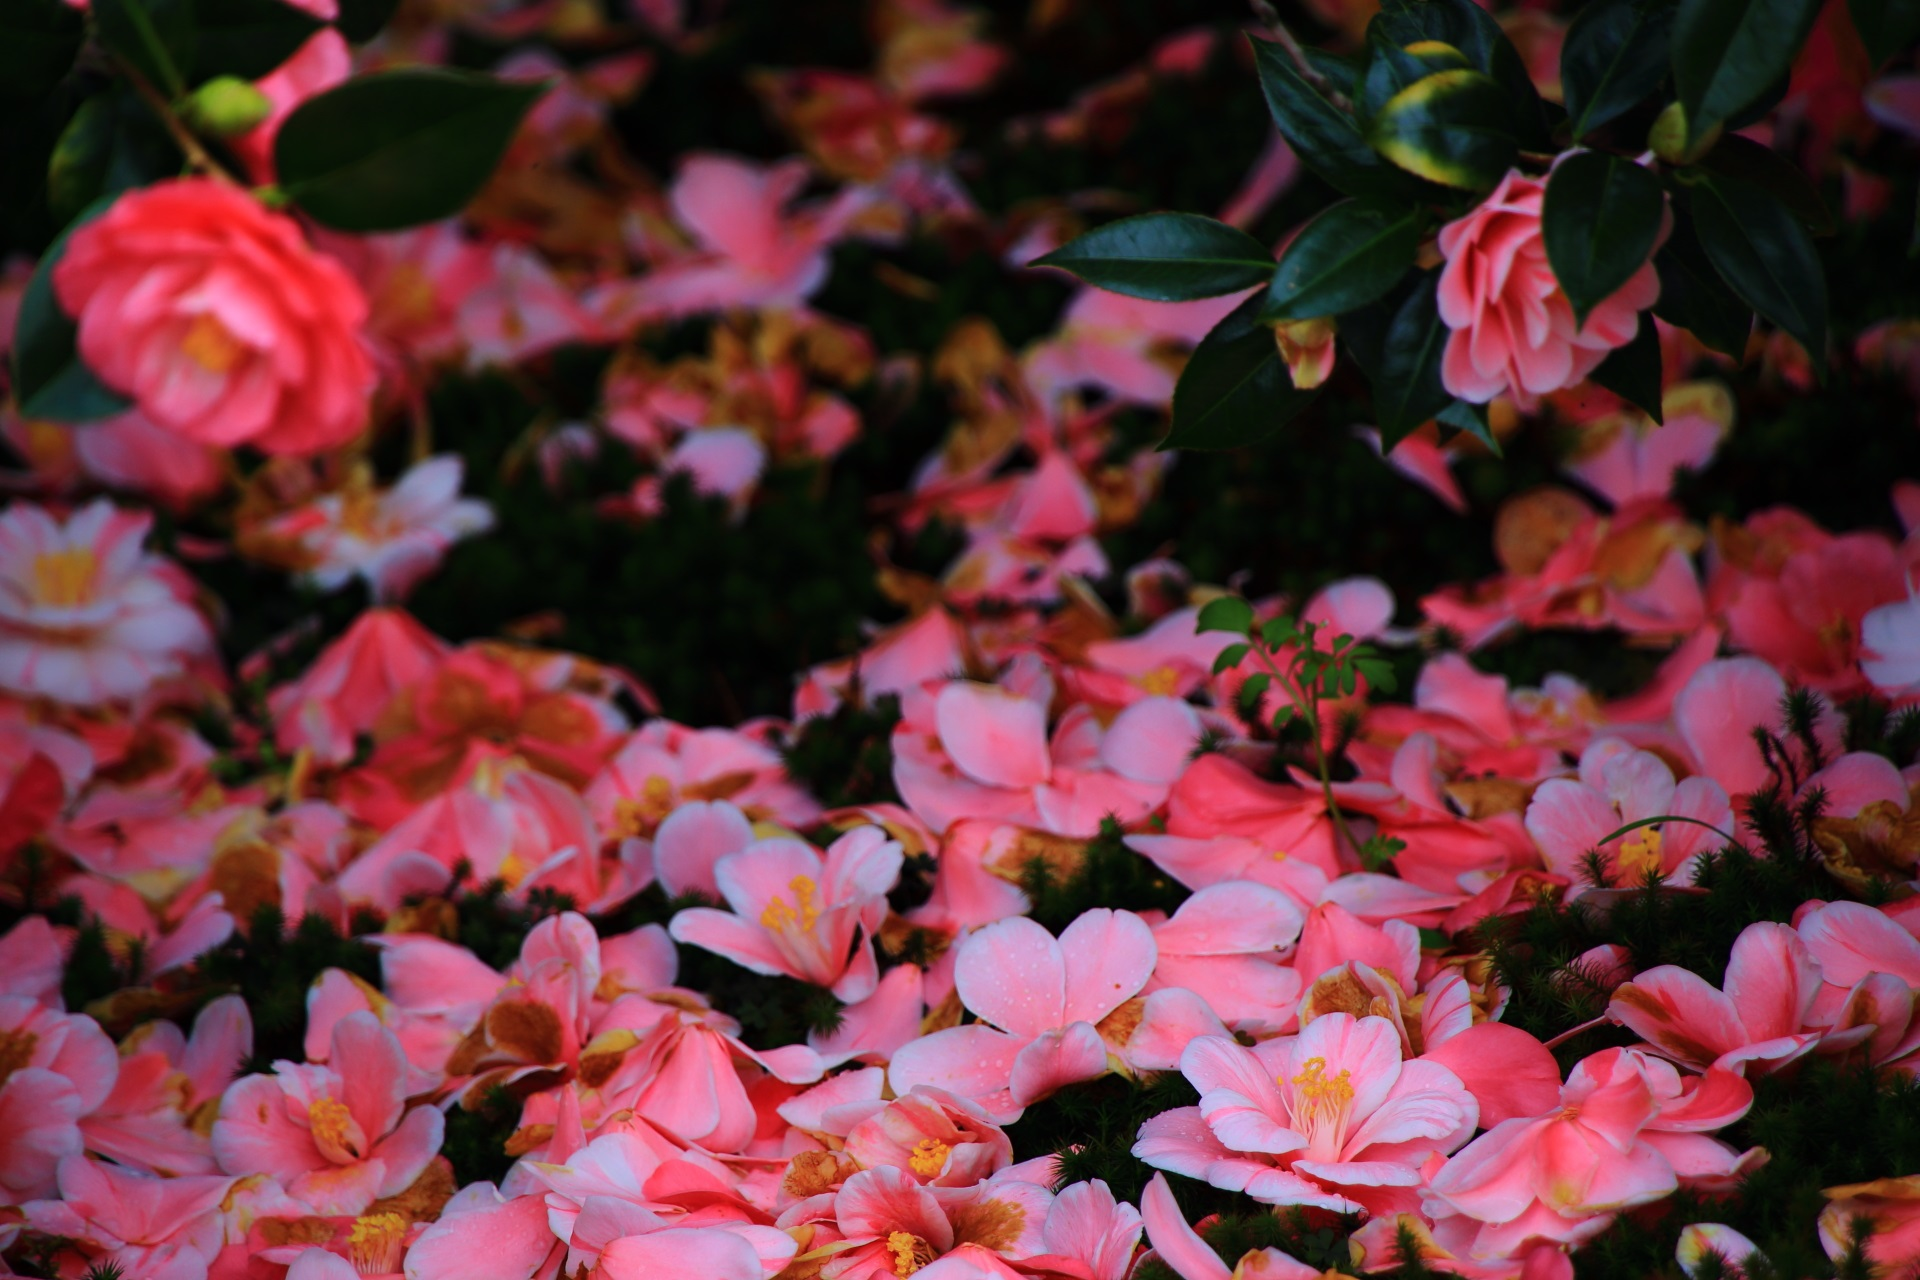 苔の上に咲く鮮やかな散り椿の花